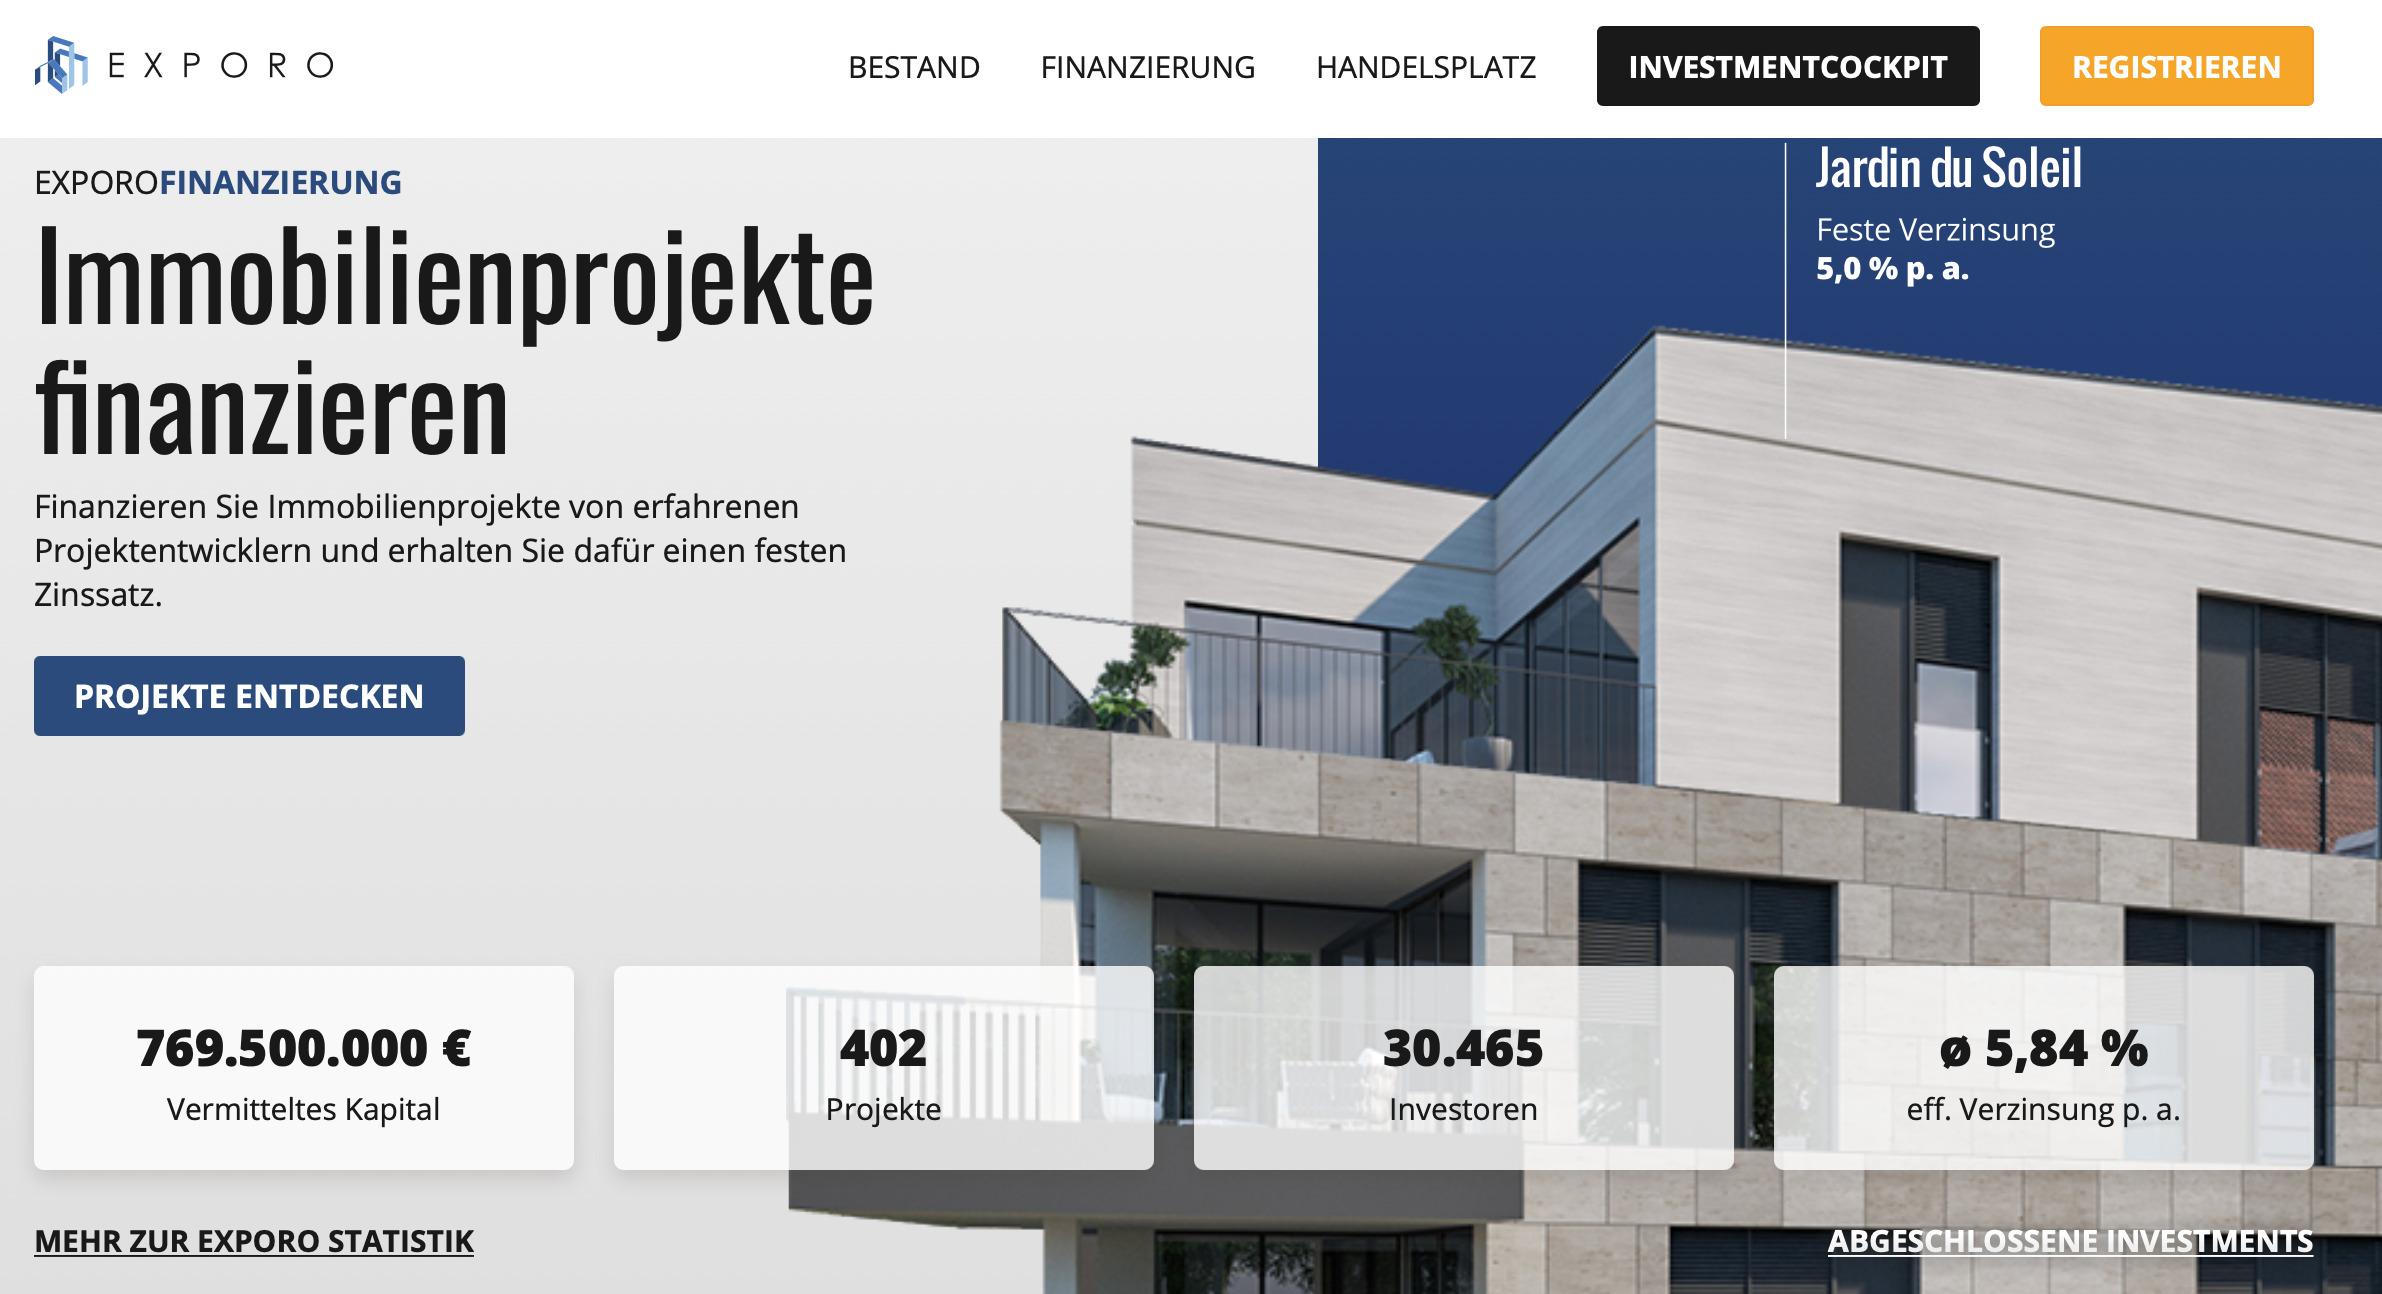 Exporo Immobilien